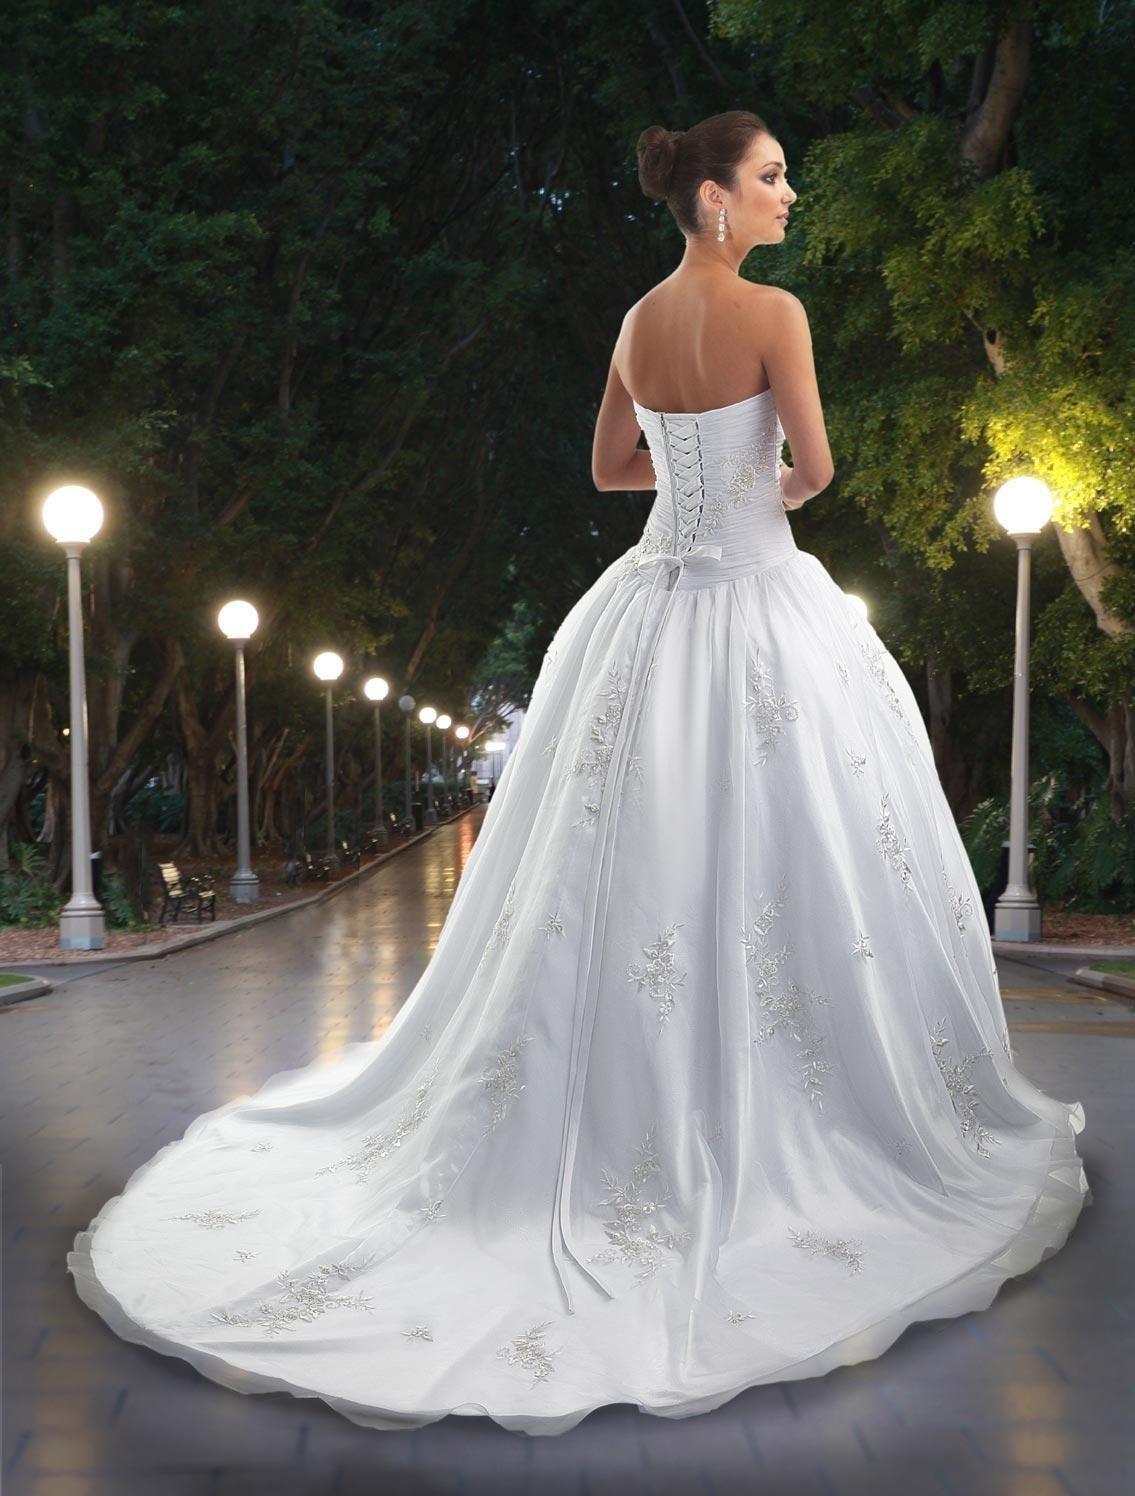 Шнуровка свадебного платья форум отзывы